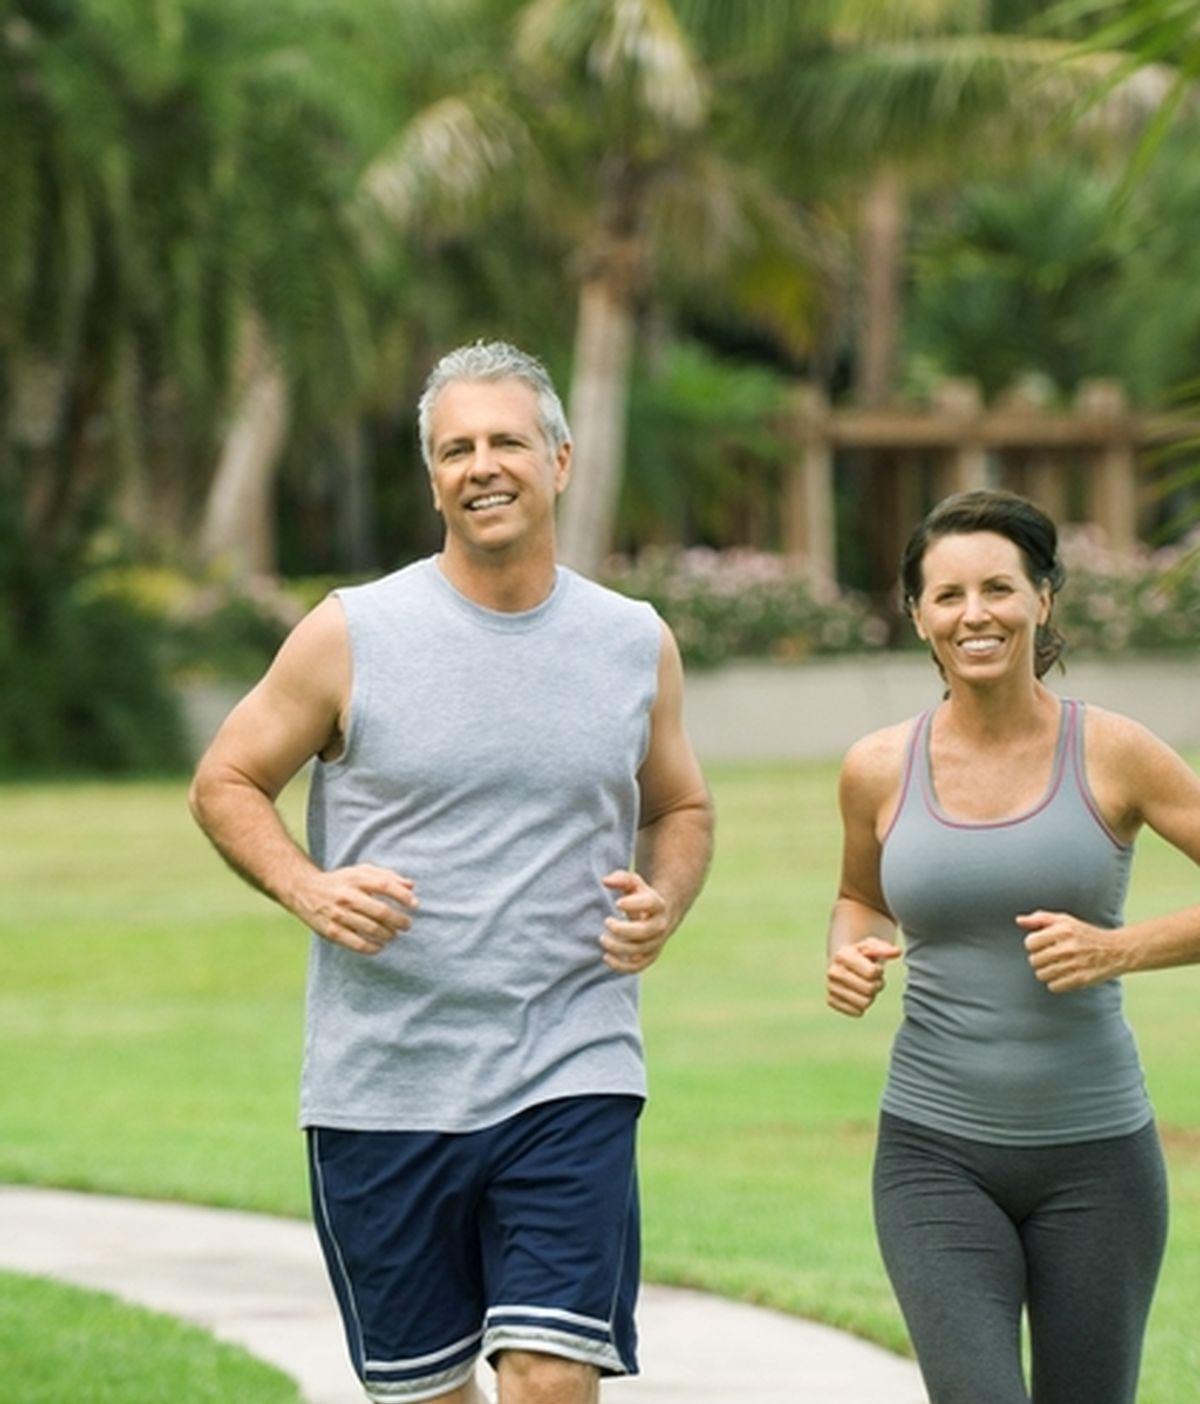 Correr en exceso puede ser peligroso